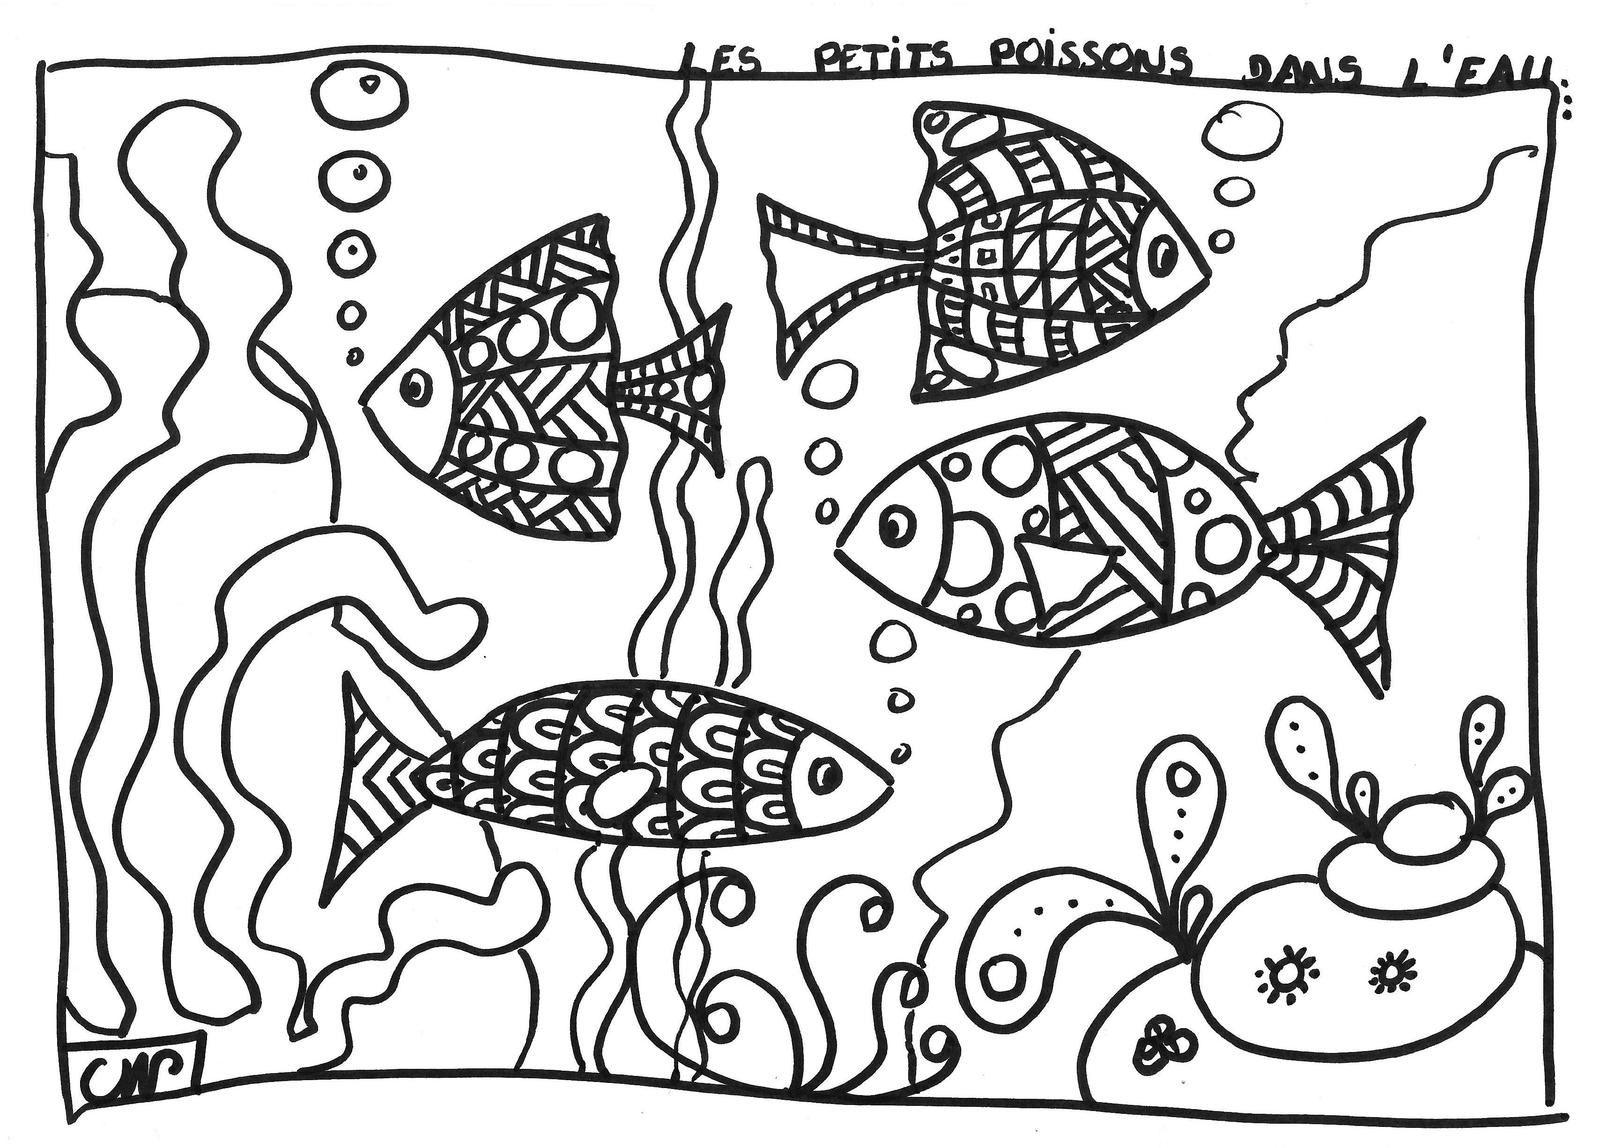 coloriages: les petits poissons....